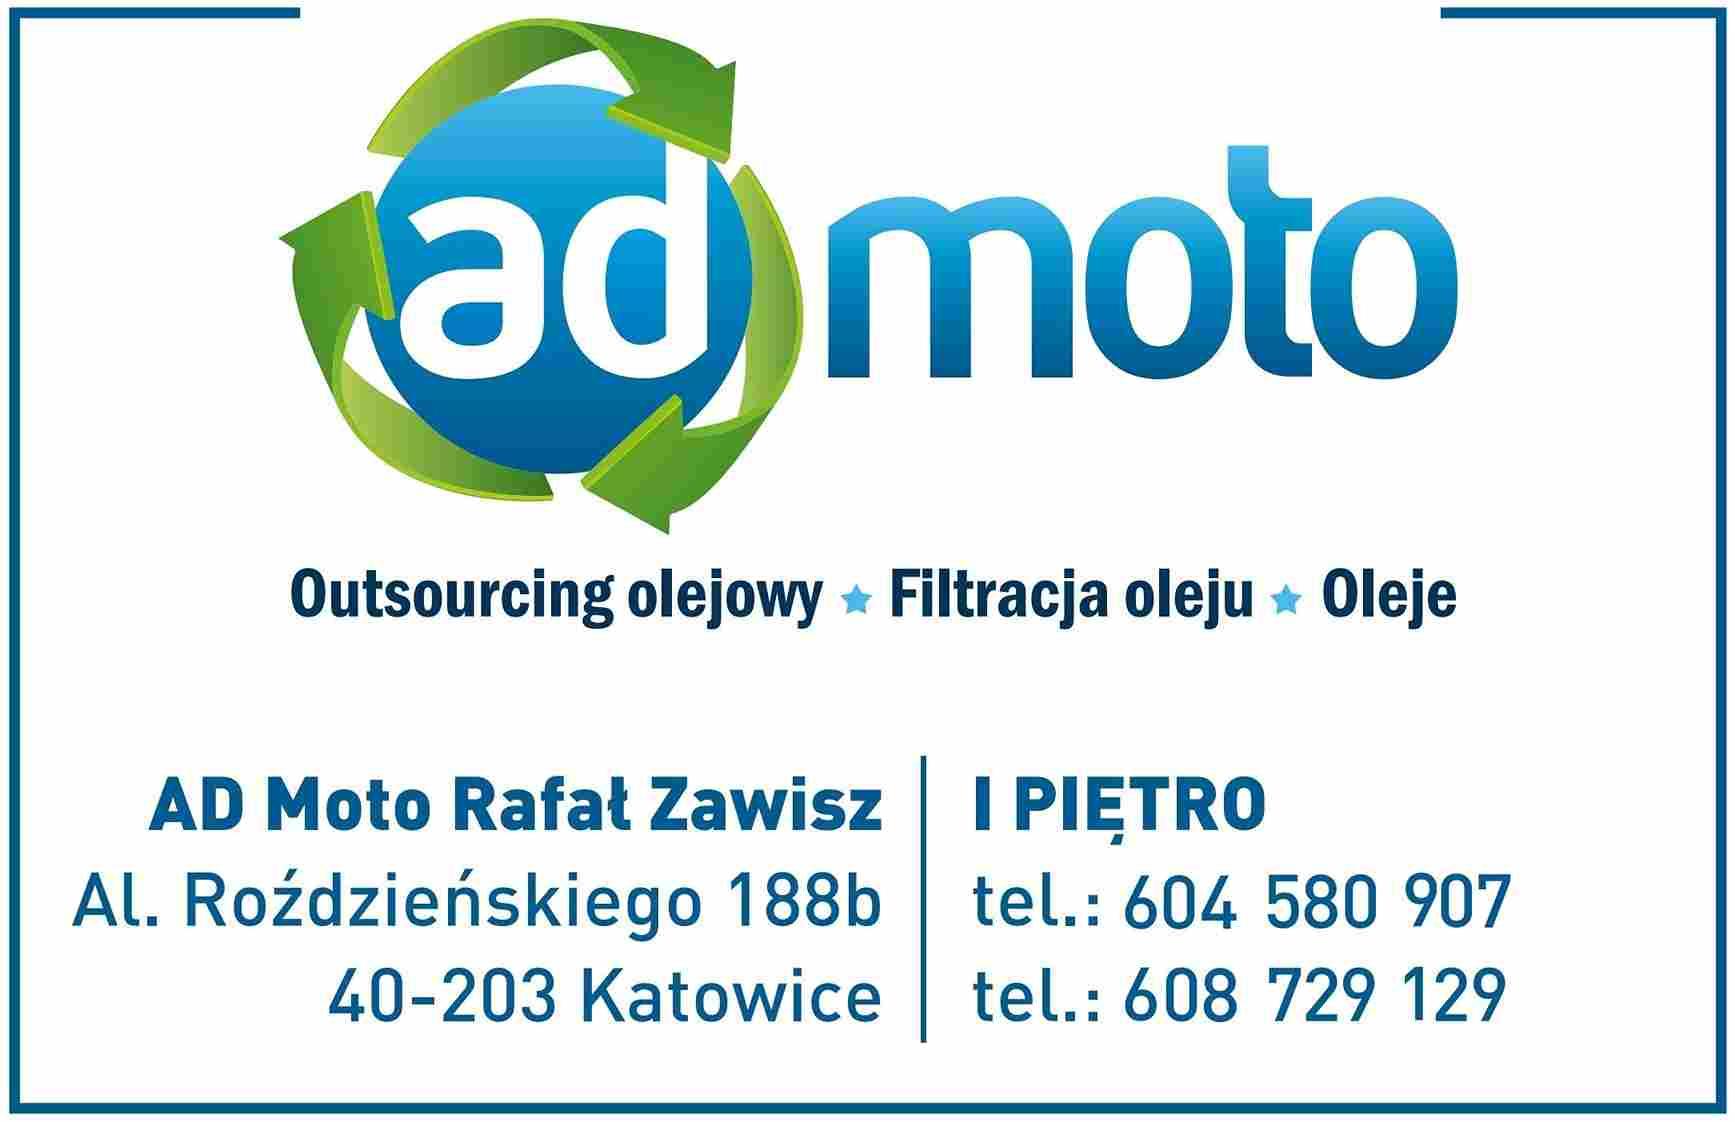 Serwis olejowy Ad Moto